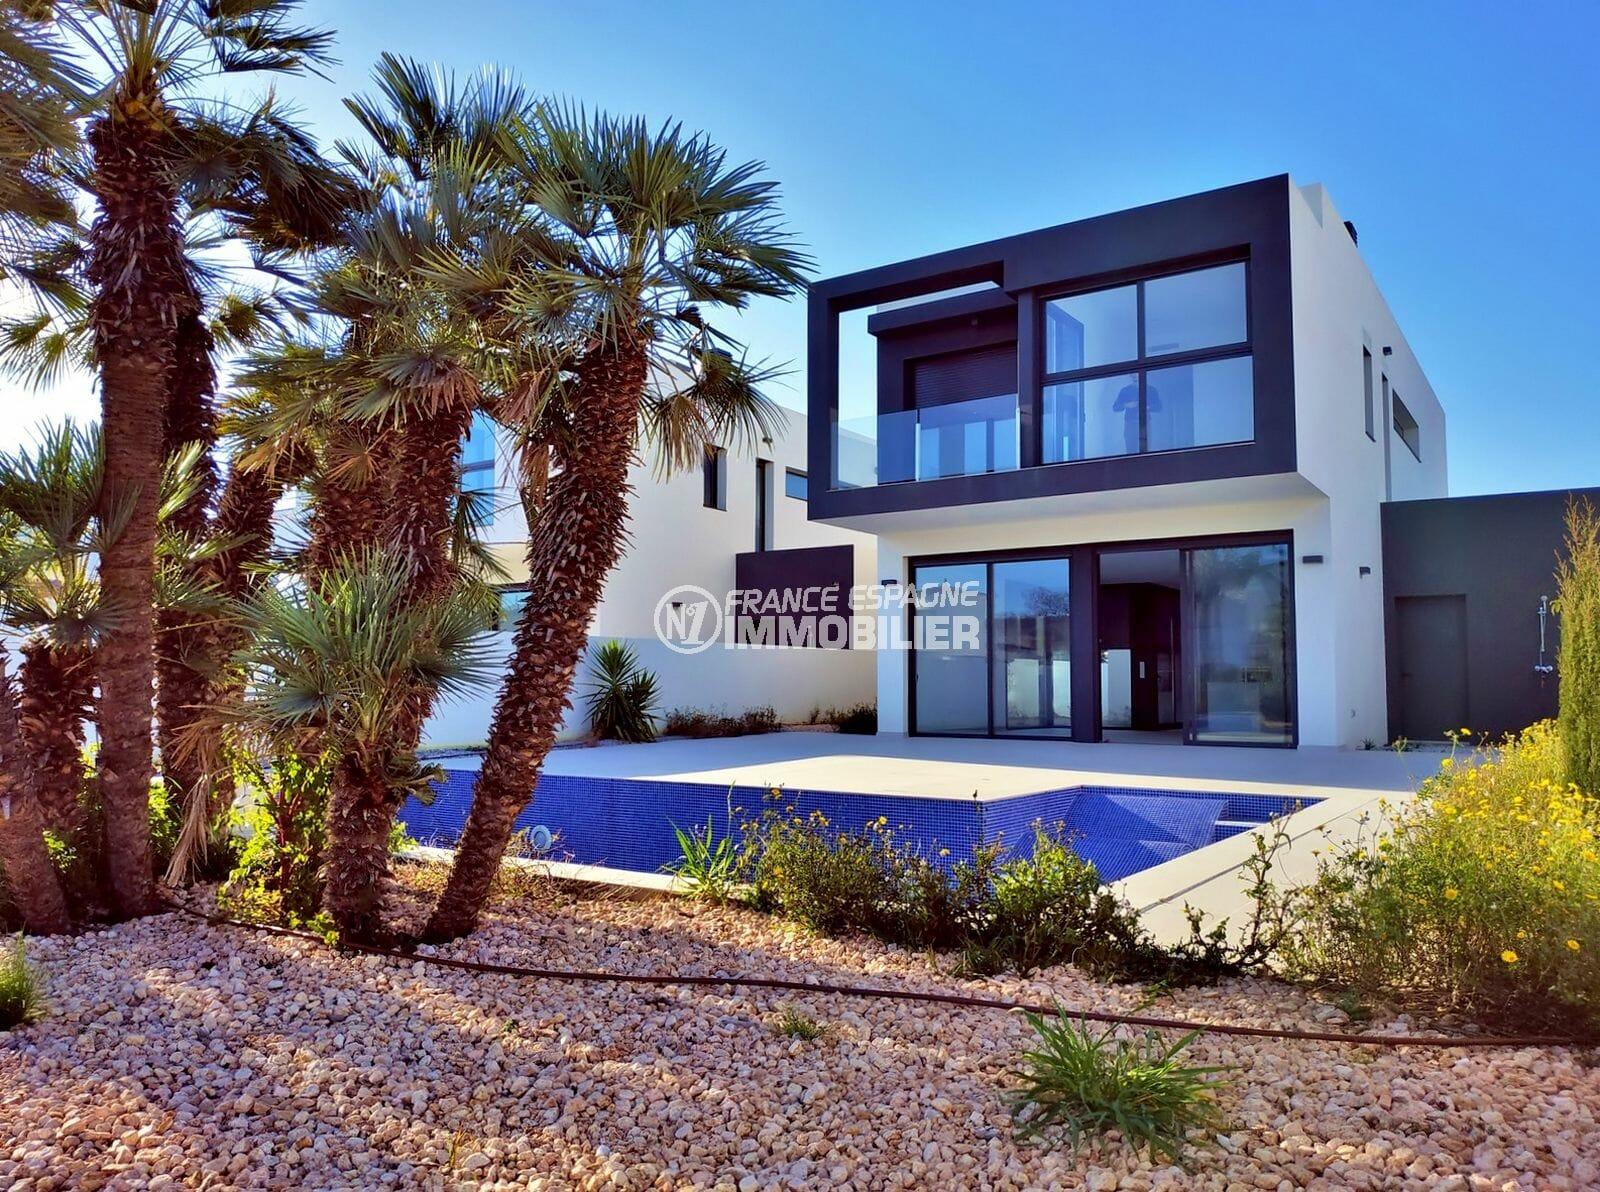 maison a vendre empuriabrava, villa 200 m² construite sur terrain de 499 m², piscine, douche extérieure, amarre 12,5 m, proche plage